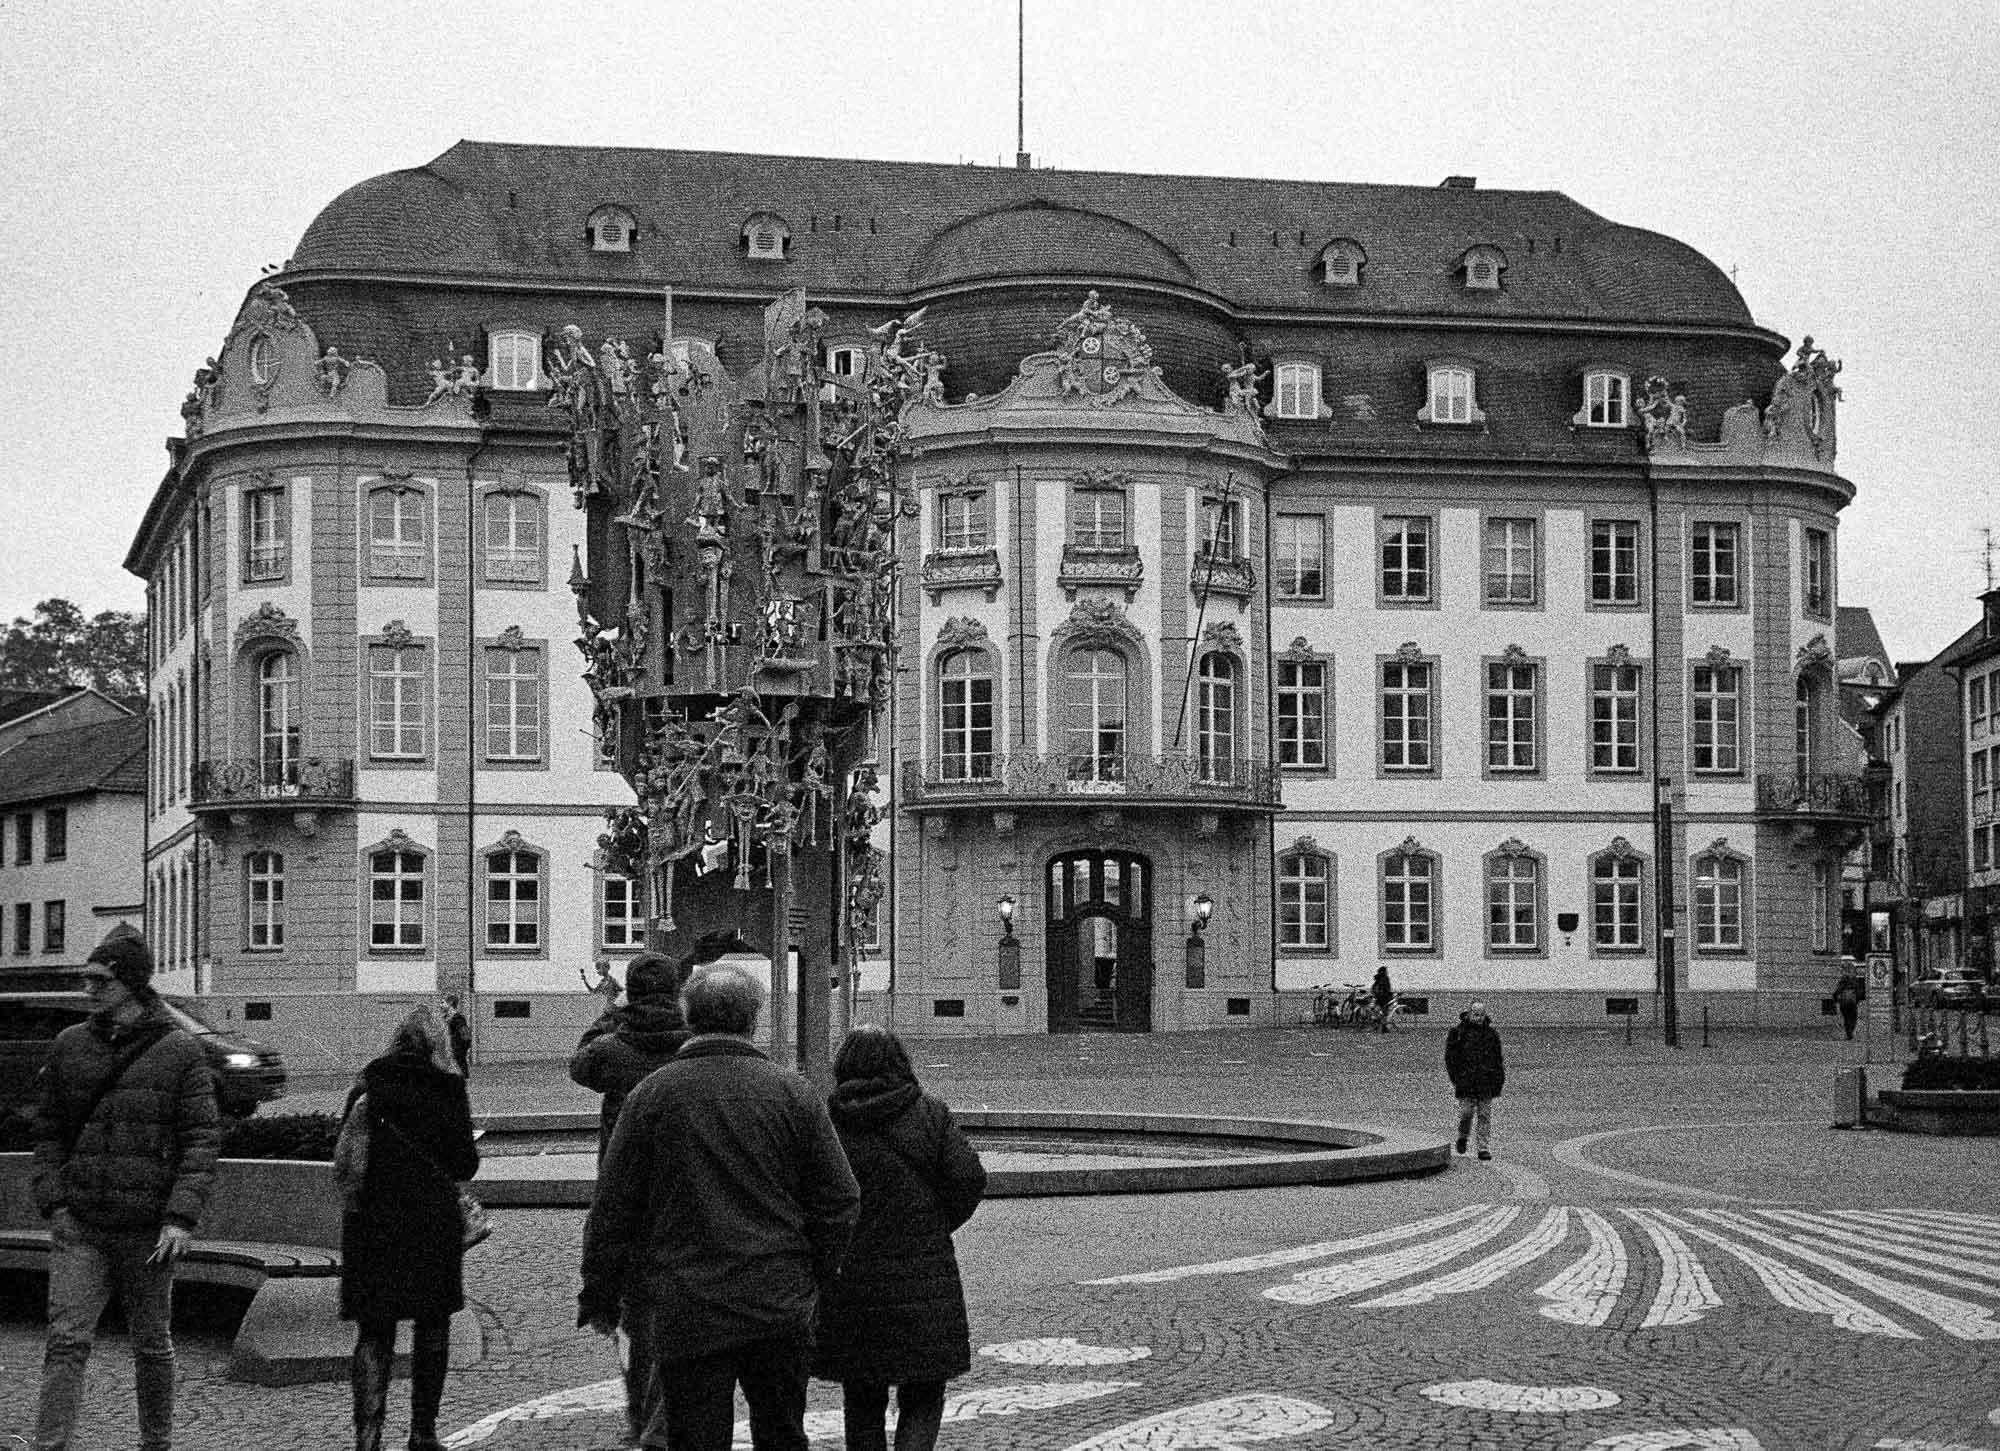 Cthulhusnet / Mainz